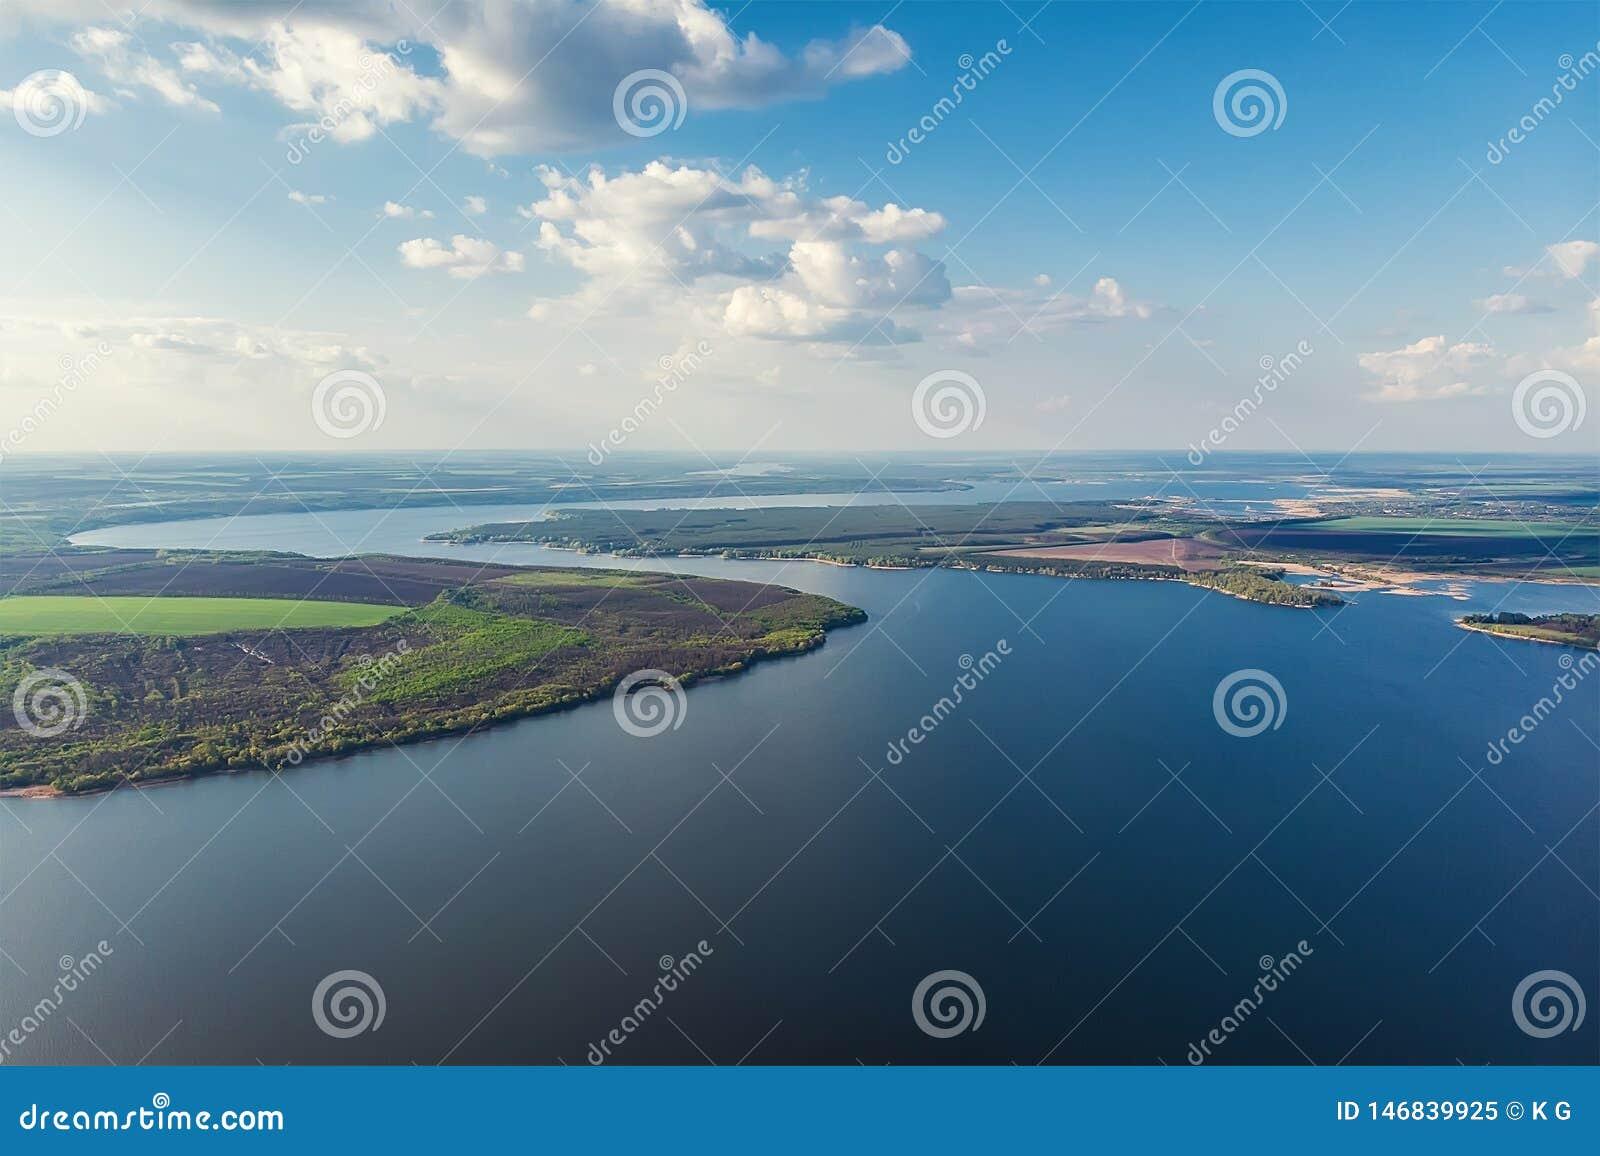 Сценарный воздушный панорамный ландшафт кривой реки Oskol в Восточной Европе с зеленым лесом на банках и голубом облачном небе r